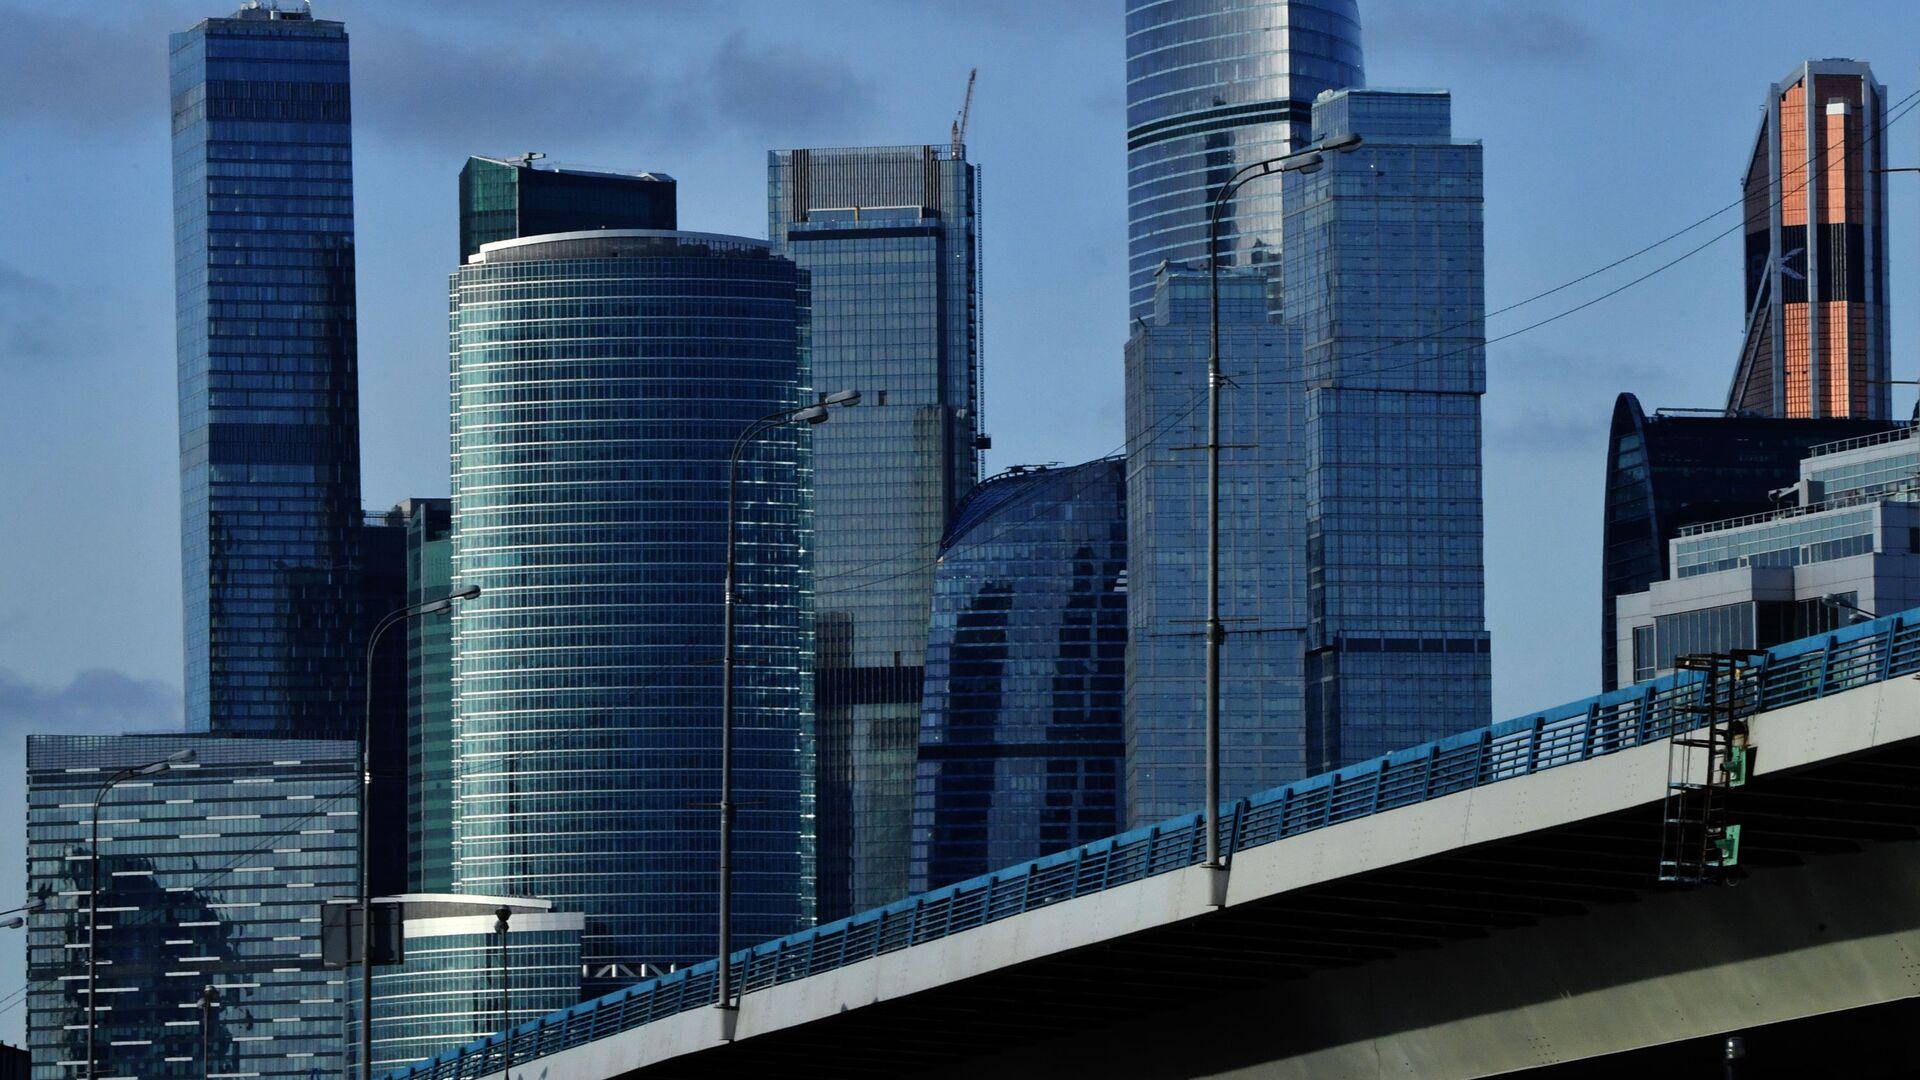 Небоскребы делового центра Москва-сити - РИА Новости, 1920, 14.07.2021